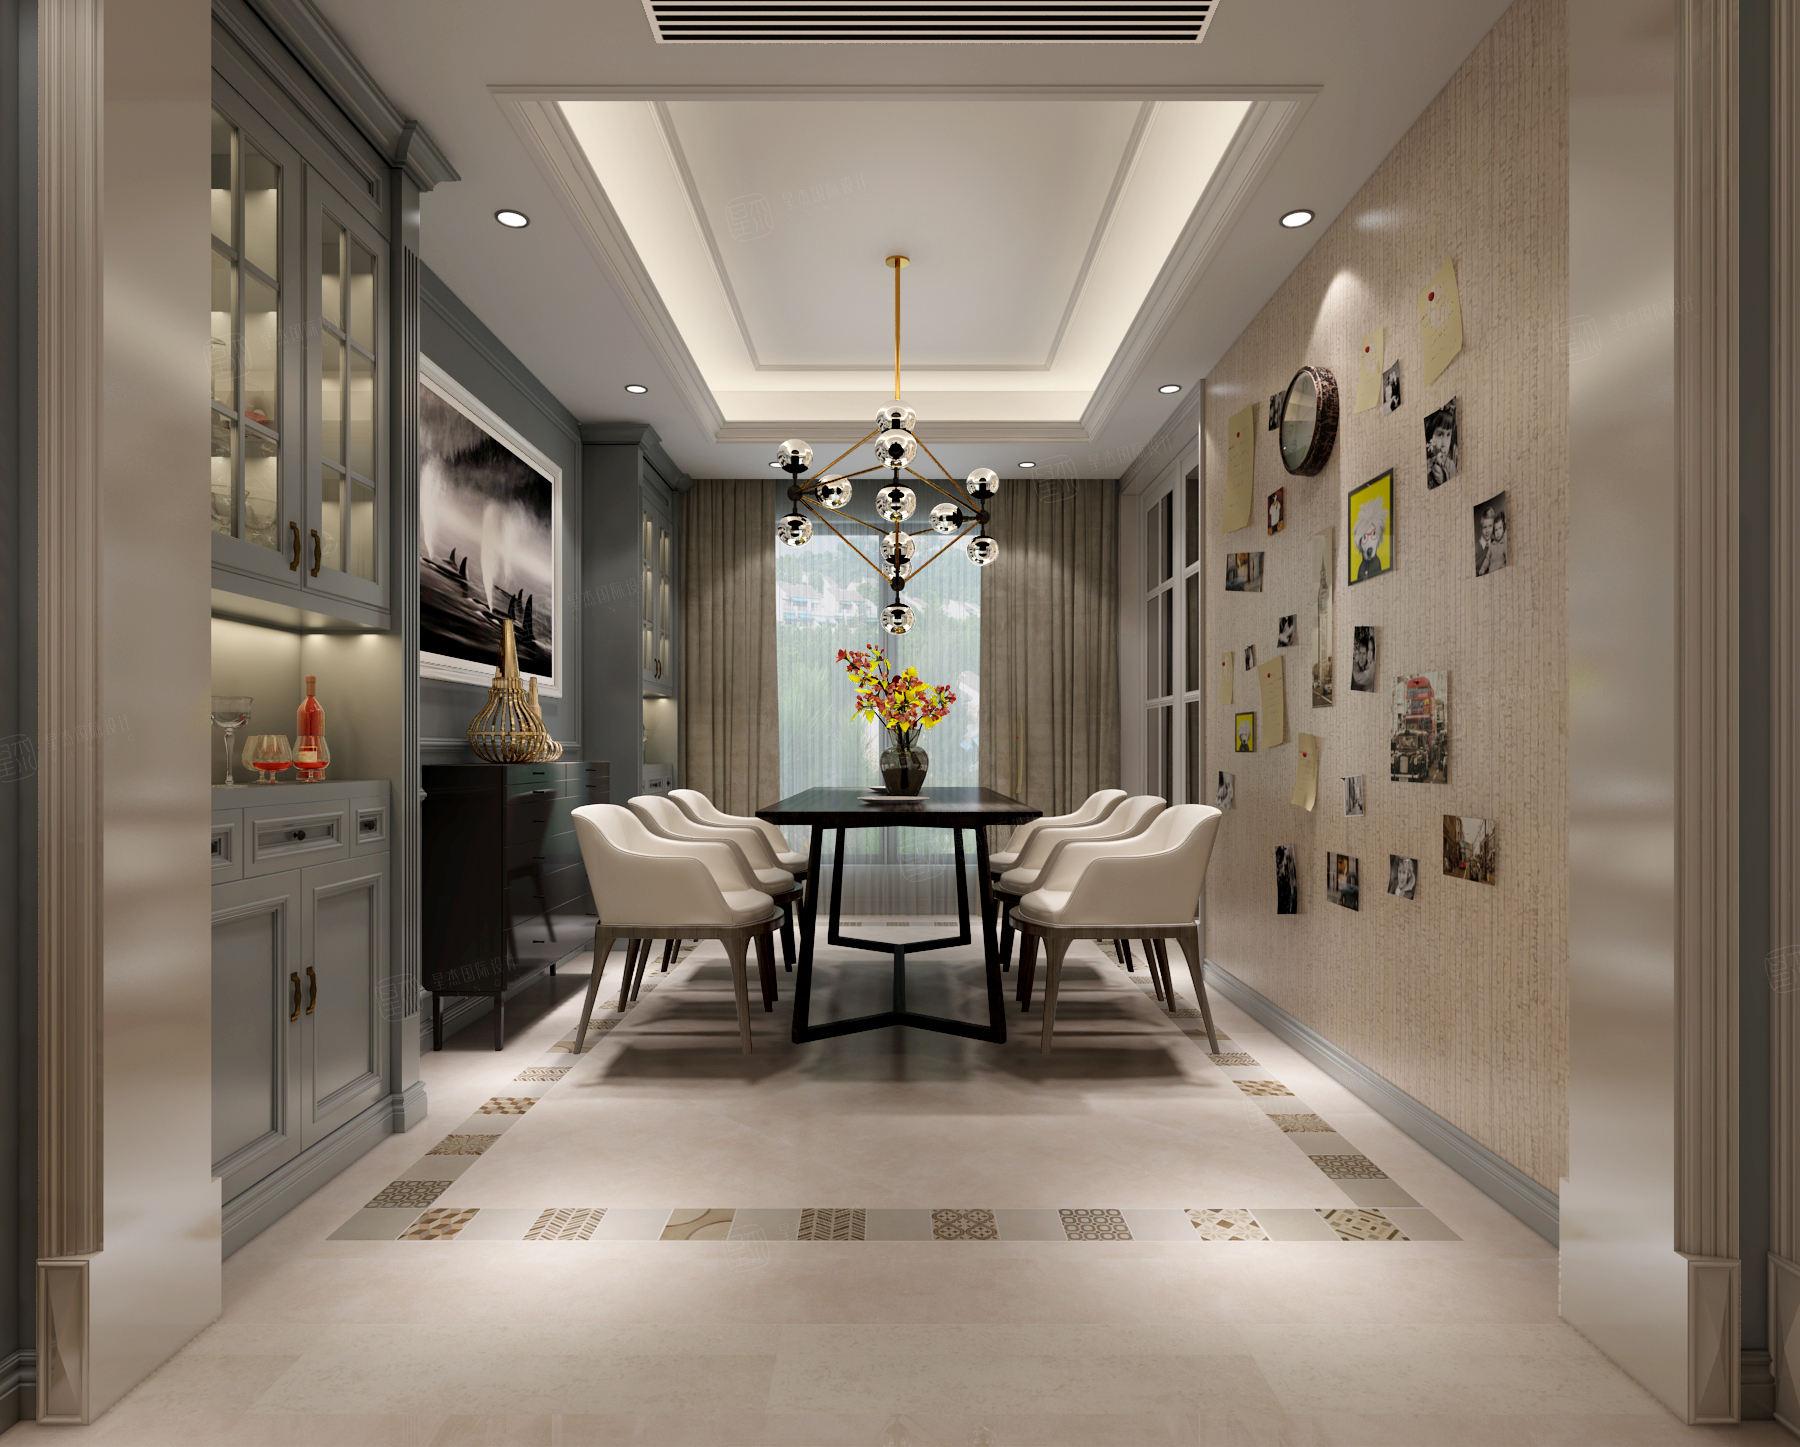 尚海郦景 现代简约装修餐厅效果图